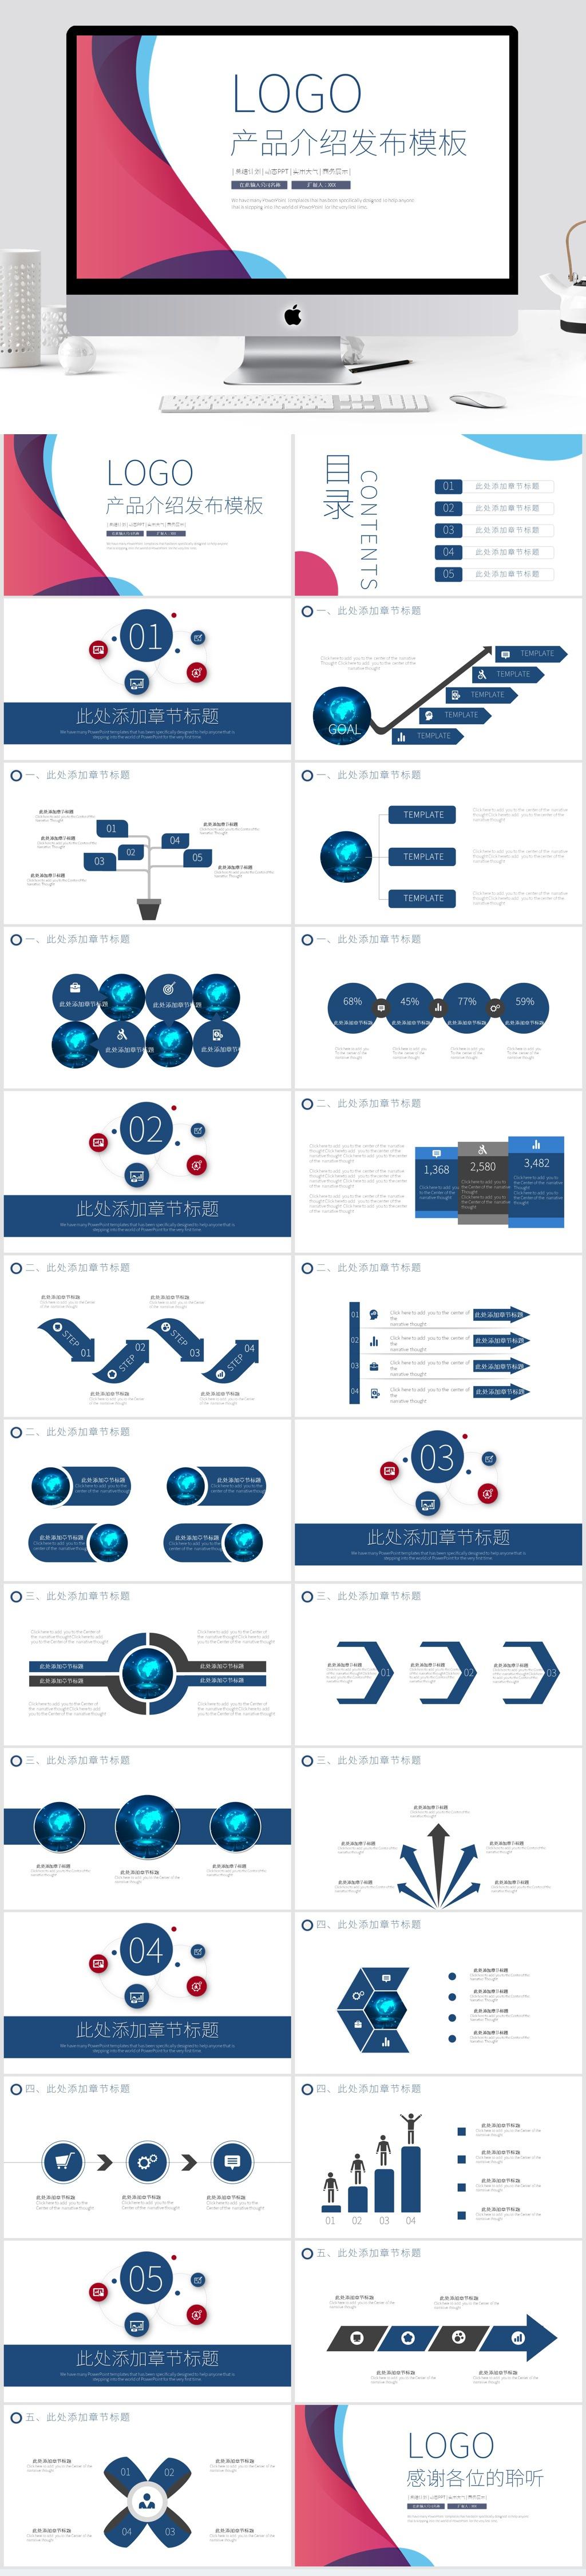 2019产品发布介绍PPT模板